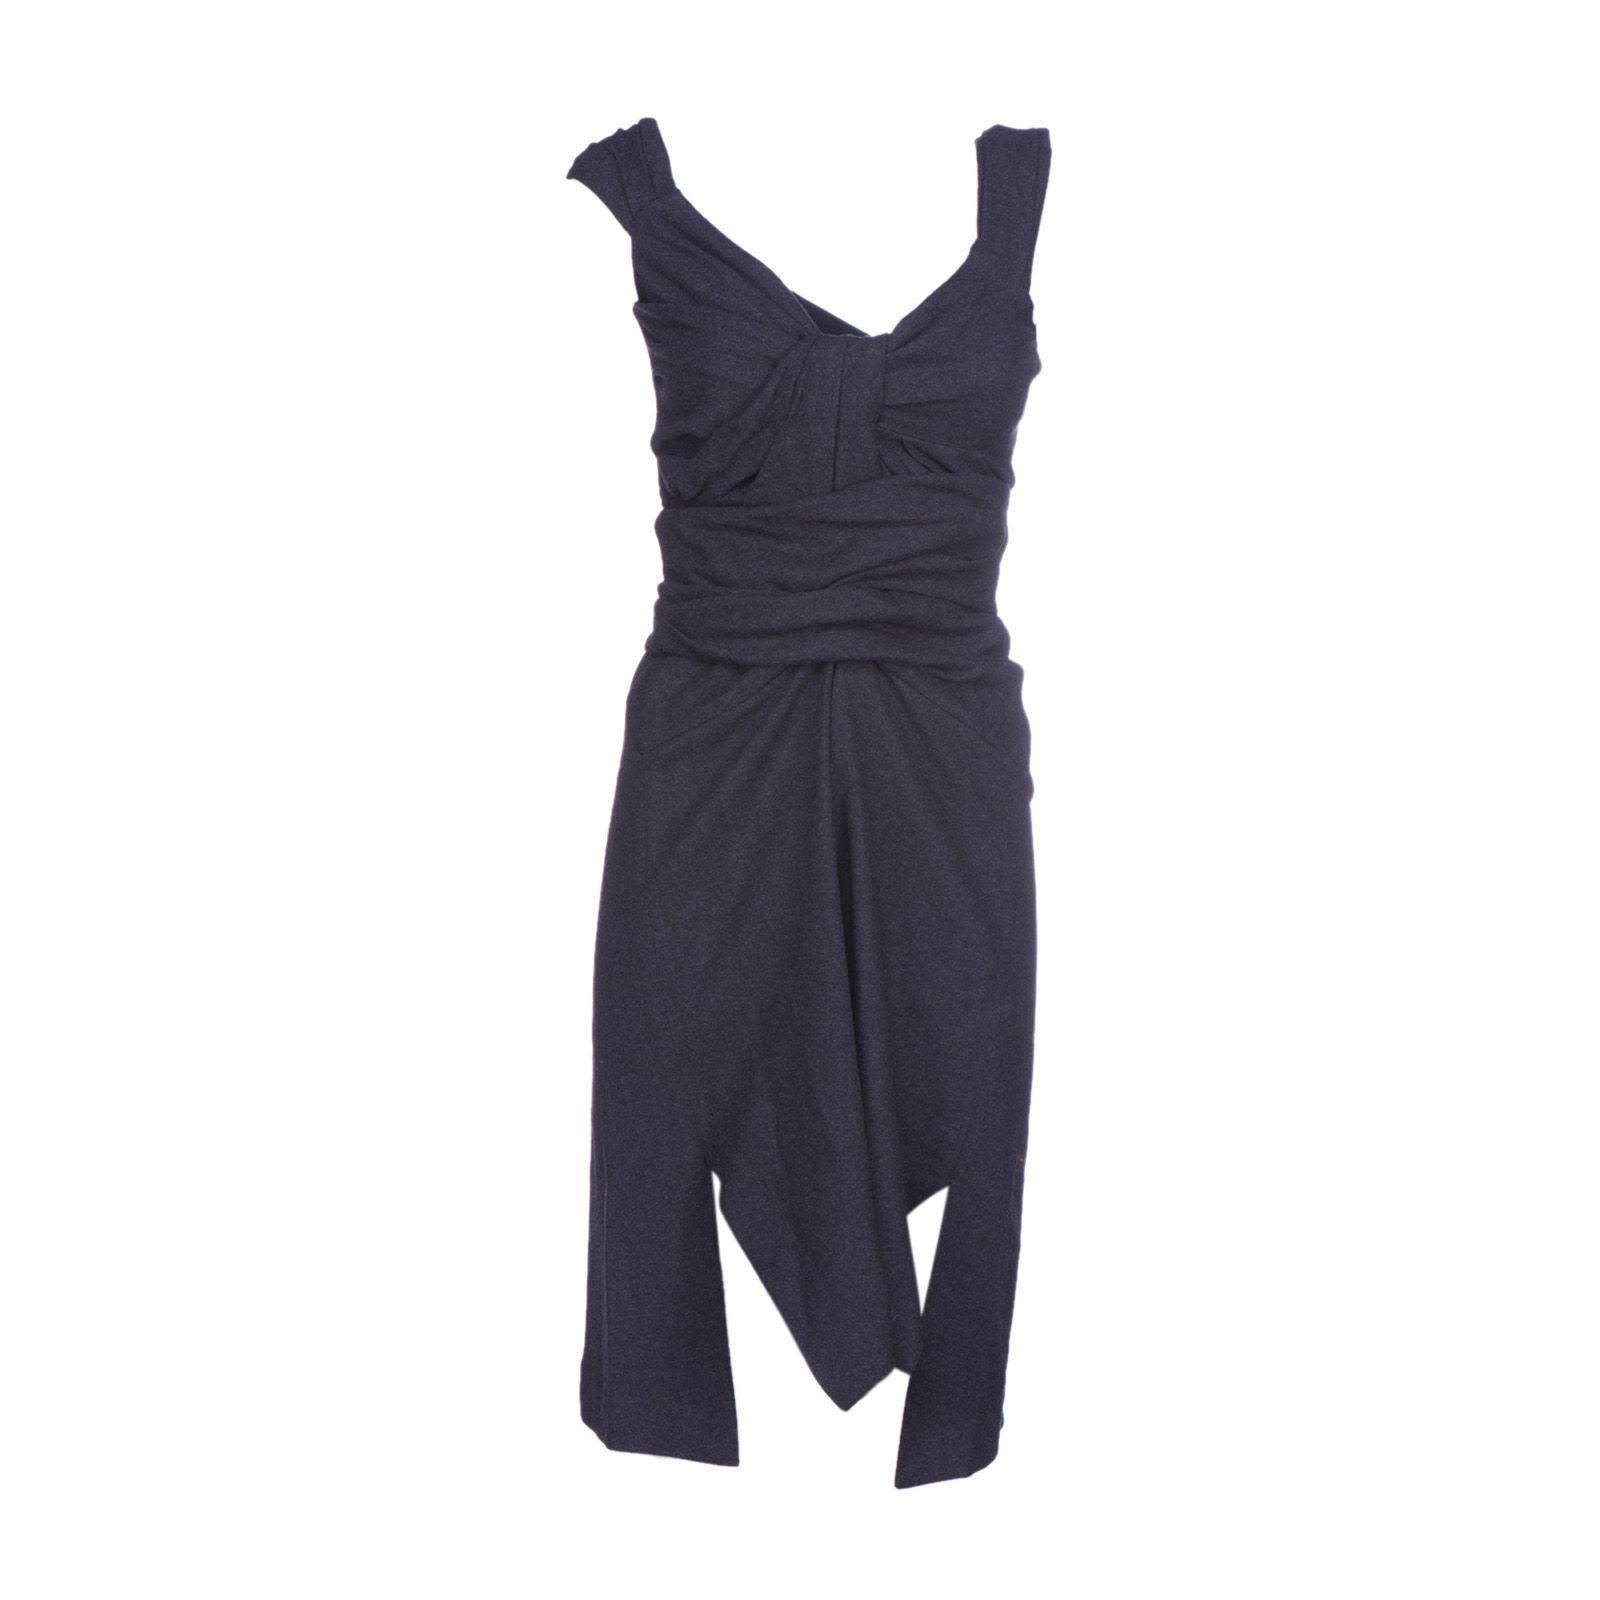 Isabel Marant Draped Twist Dress